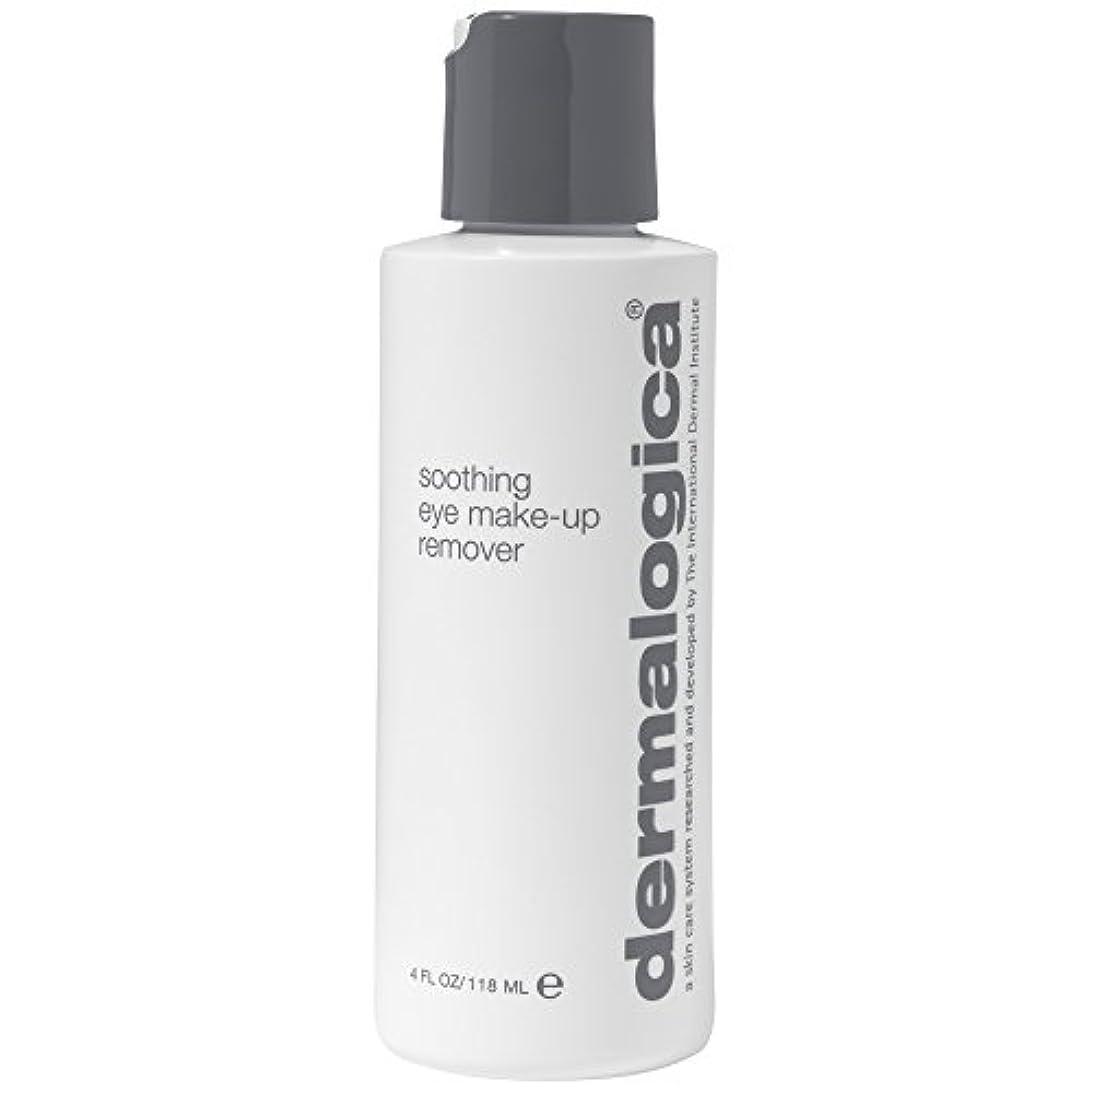 半円裏切り辛いダーマロジカなだめるアイメイクアップリムーバーの118ミリリットル (Dermalogica) (x6) - Dermalogica Soothing Eye Makeup Remover 118ml (Pack of...